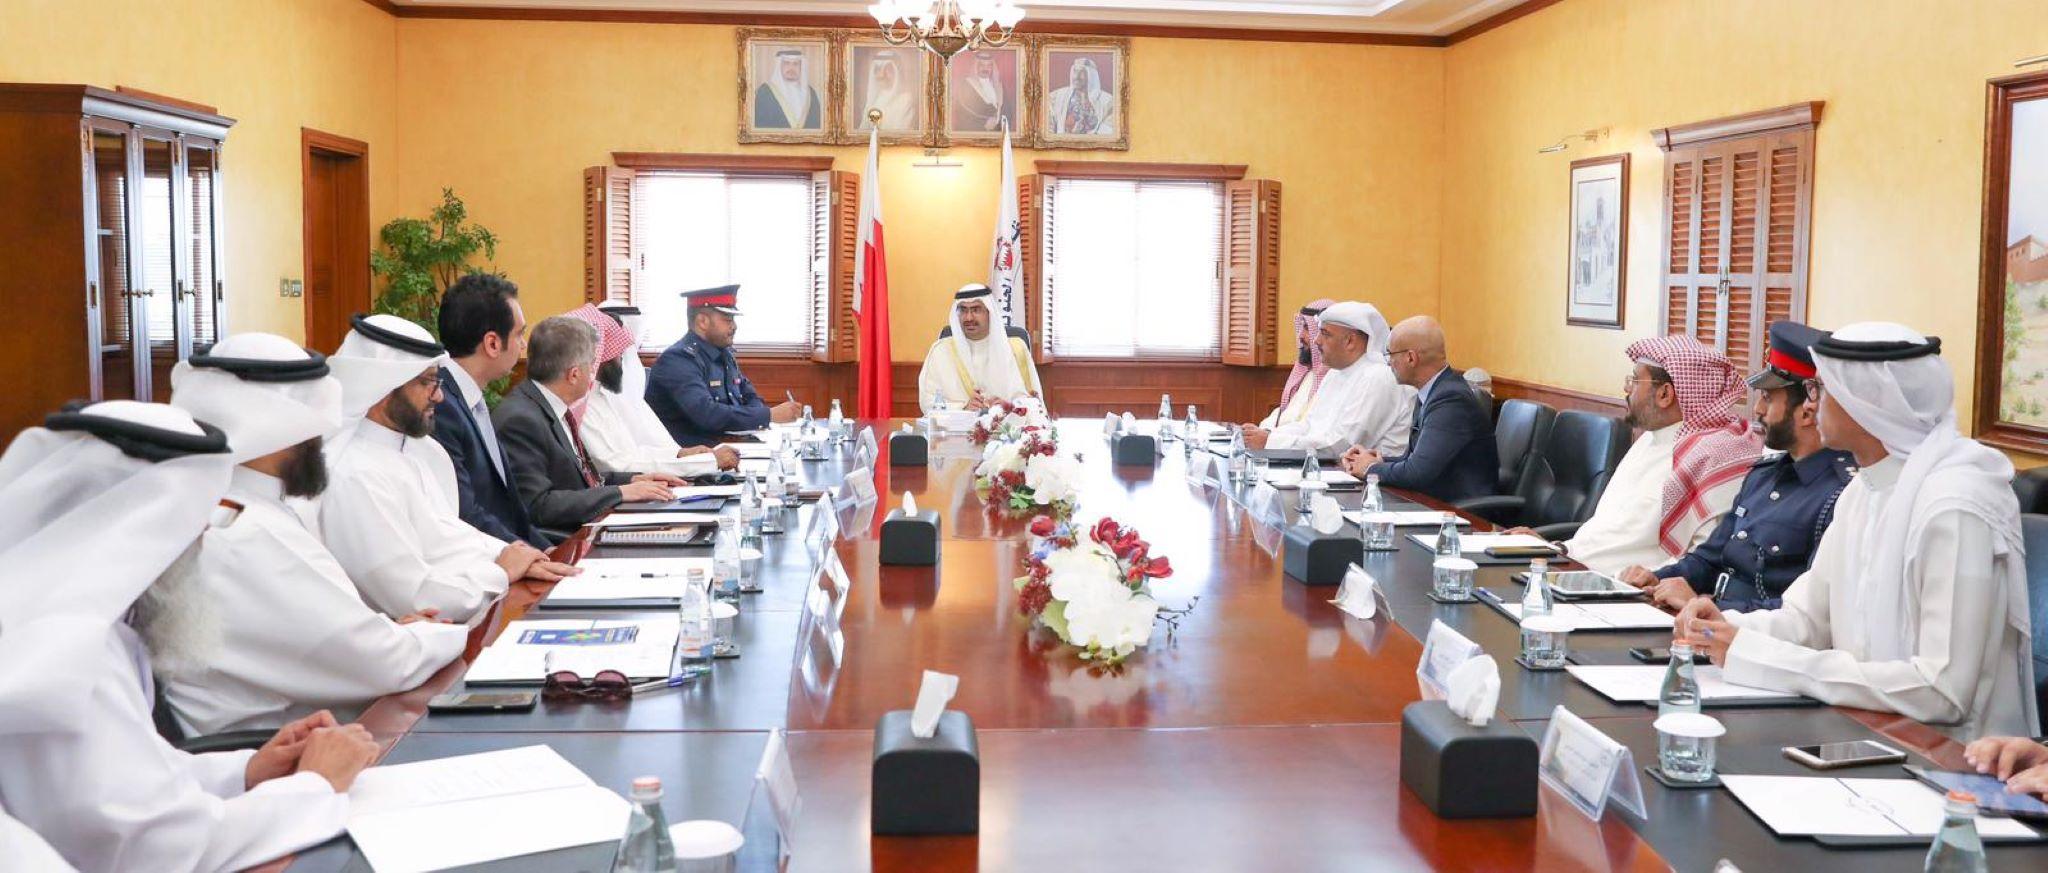 ترأس سمو الشيخ خليفة بن علي بن خليفة آل خليفة محافظ الجنوبية إجتماع المجلس التنسيقي الأول للعام 2019م، وذلك بحضور عدد من ممثلي الجهات الحكومية المختلفة